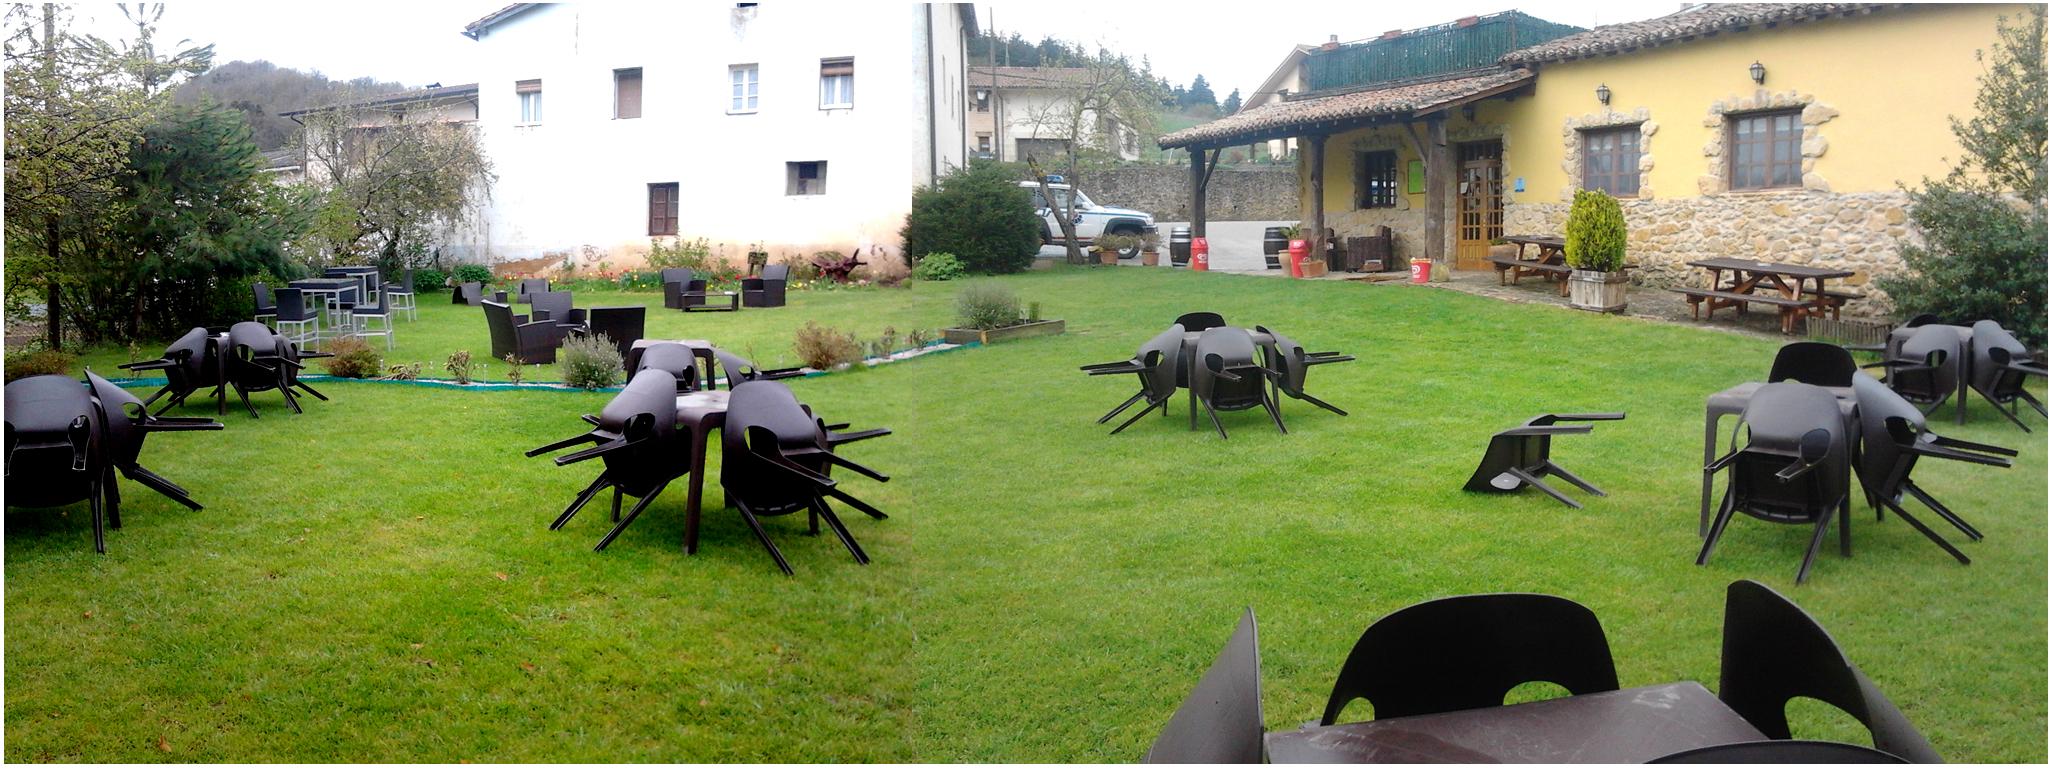 Restaurante Garimotxea (Urturi) Alava Rte%2BGarimotxea